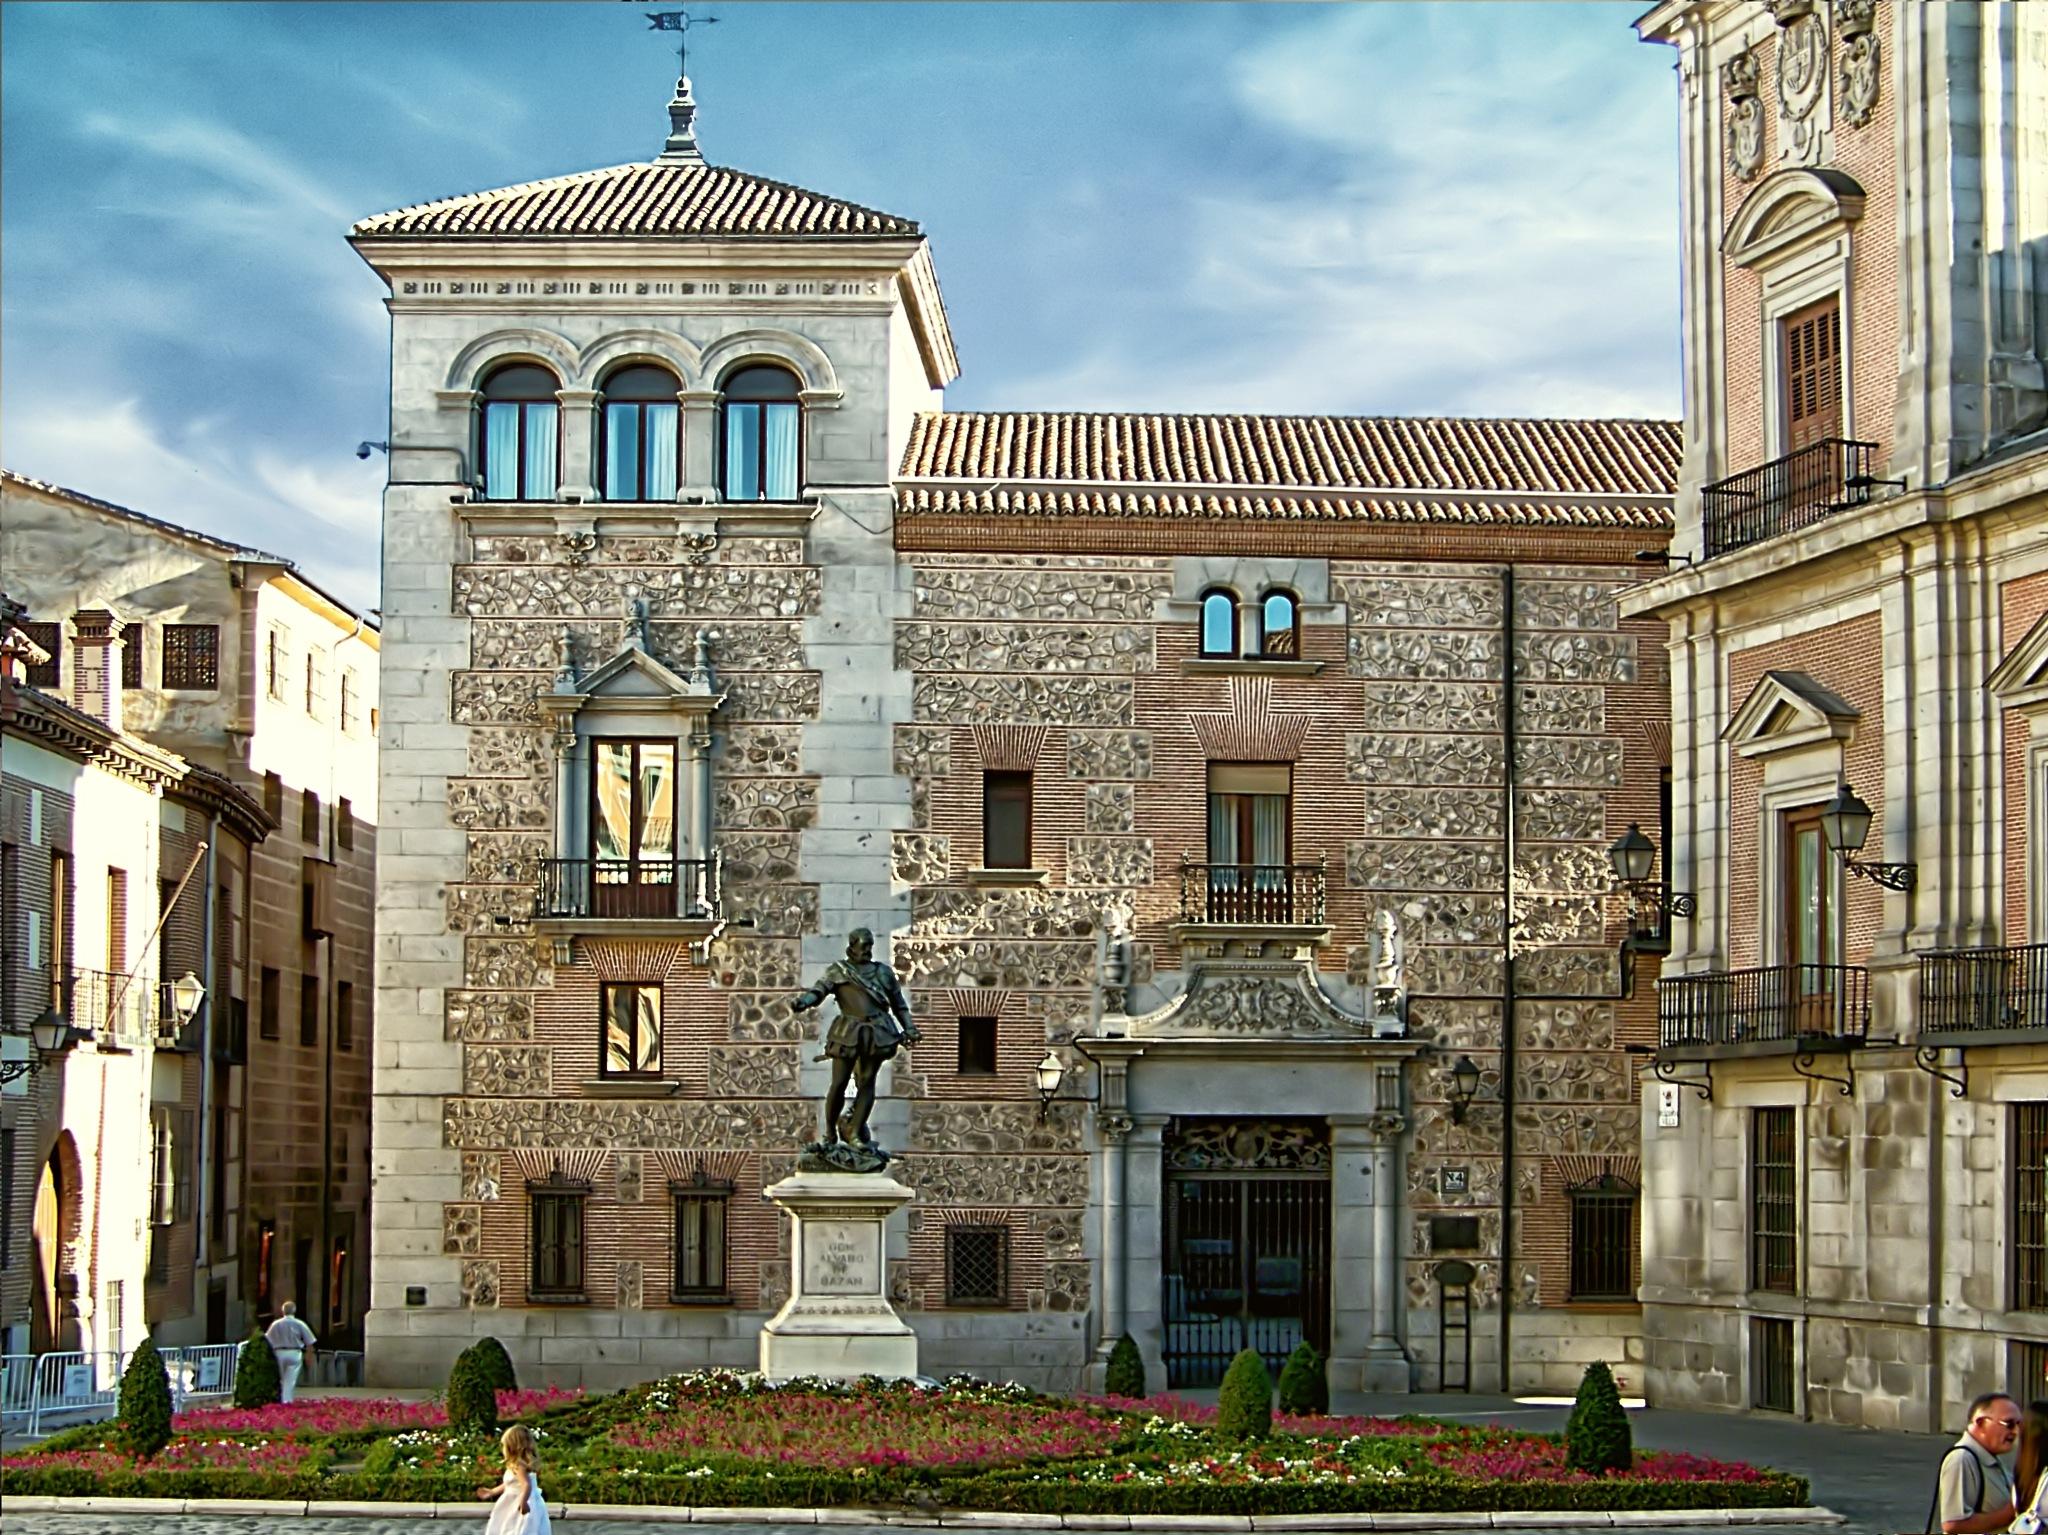 Casa de Cisneros [Plaza de La Villa - Madrid] by JuanM